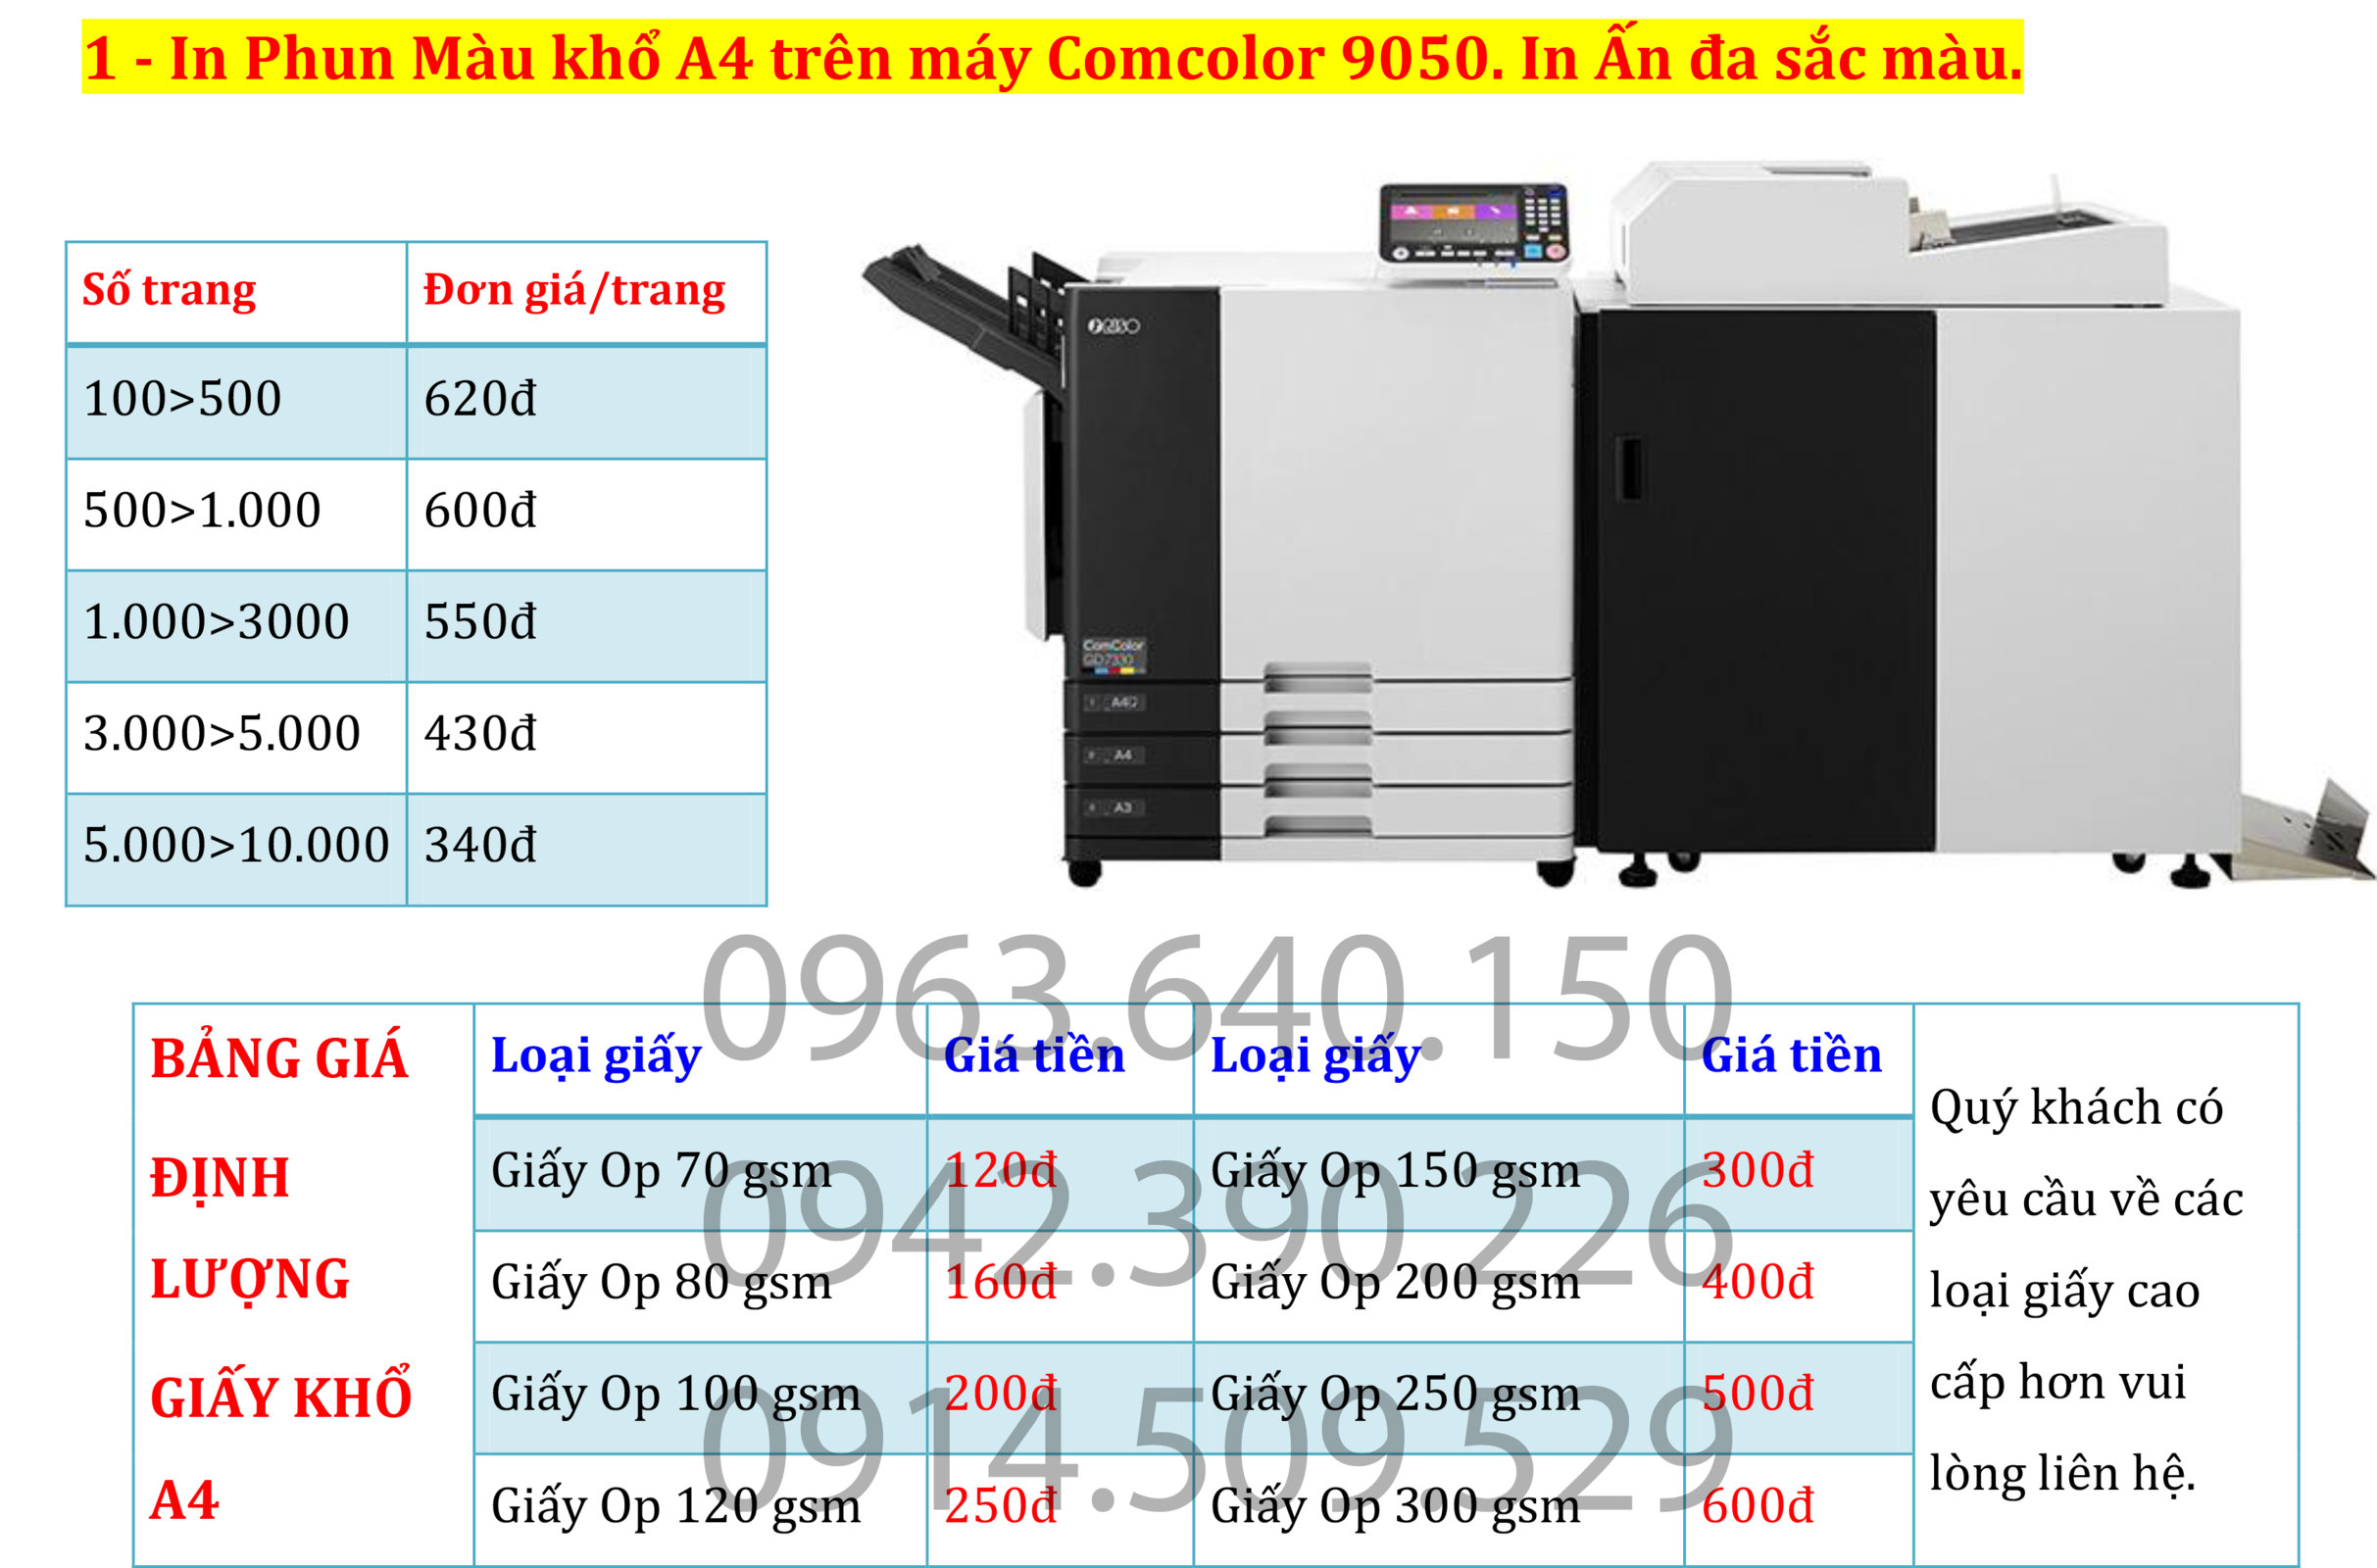 2. In ấn tài liệu màu. photo tài liệu màu giá rẻ tại Hà Nội.jpg